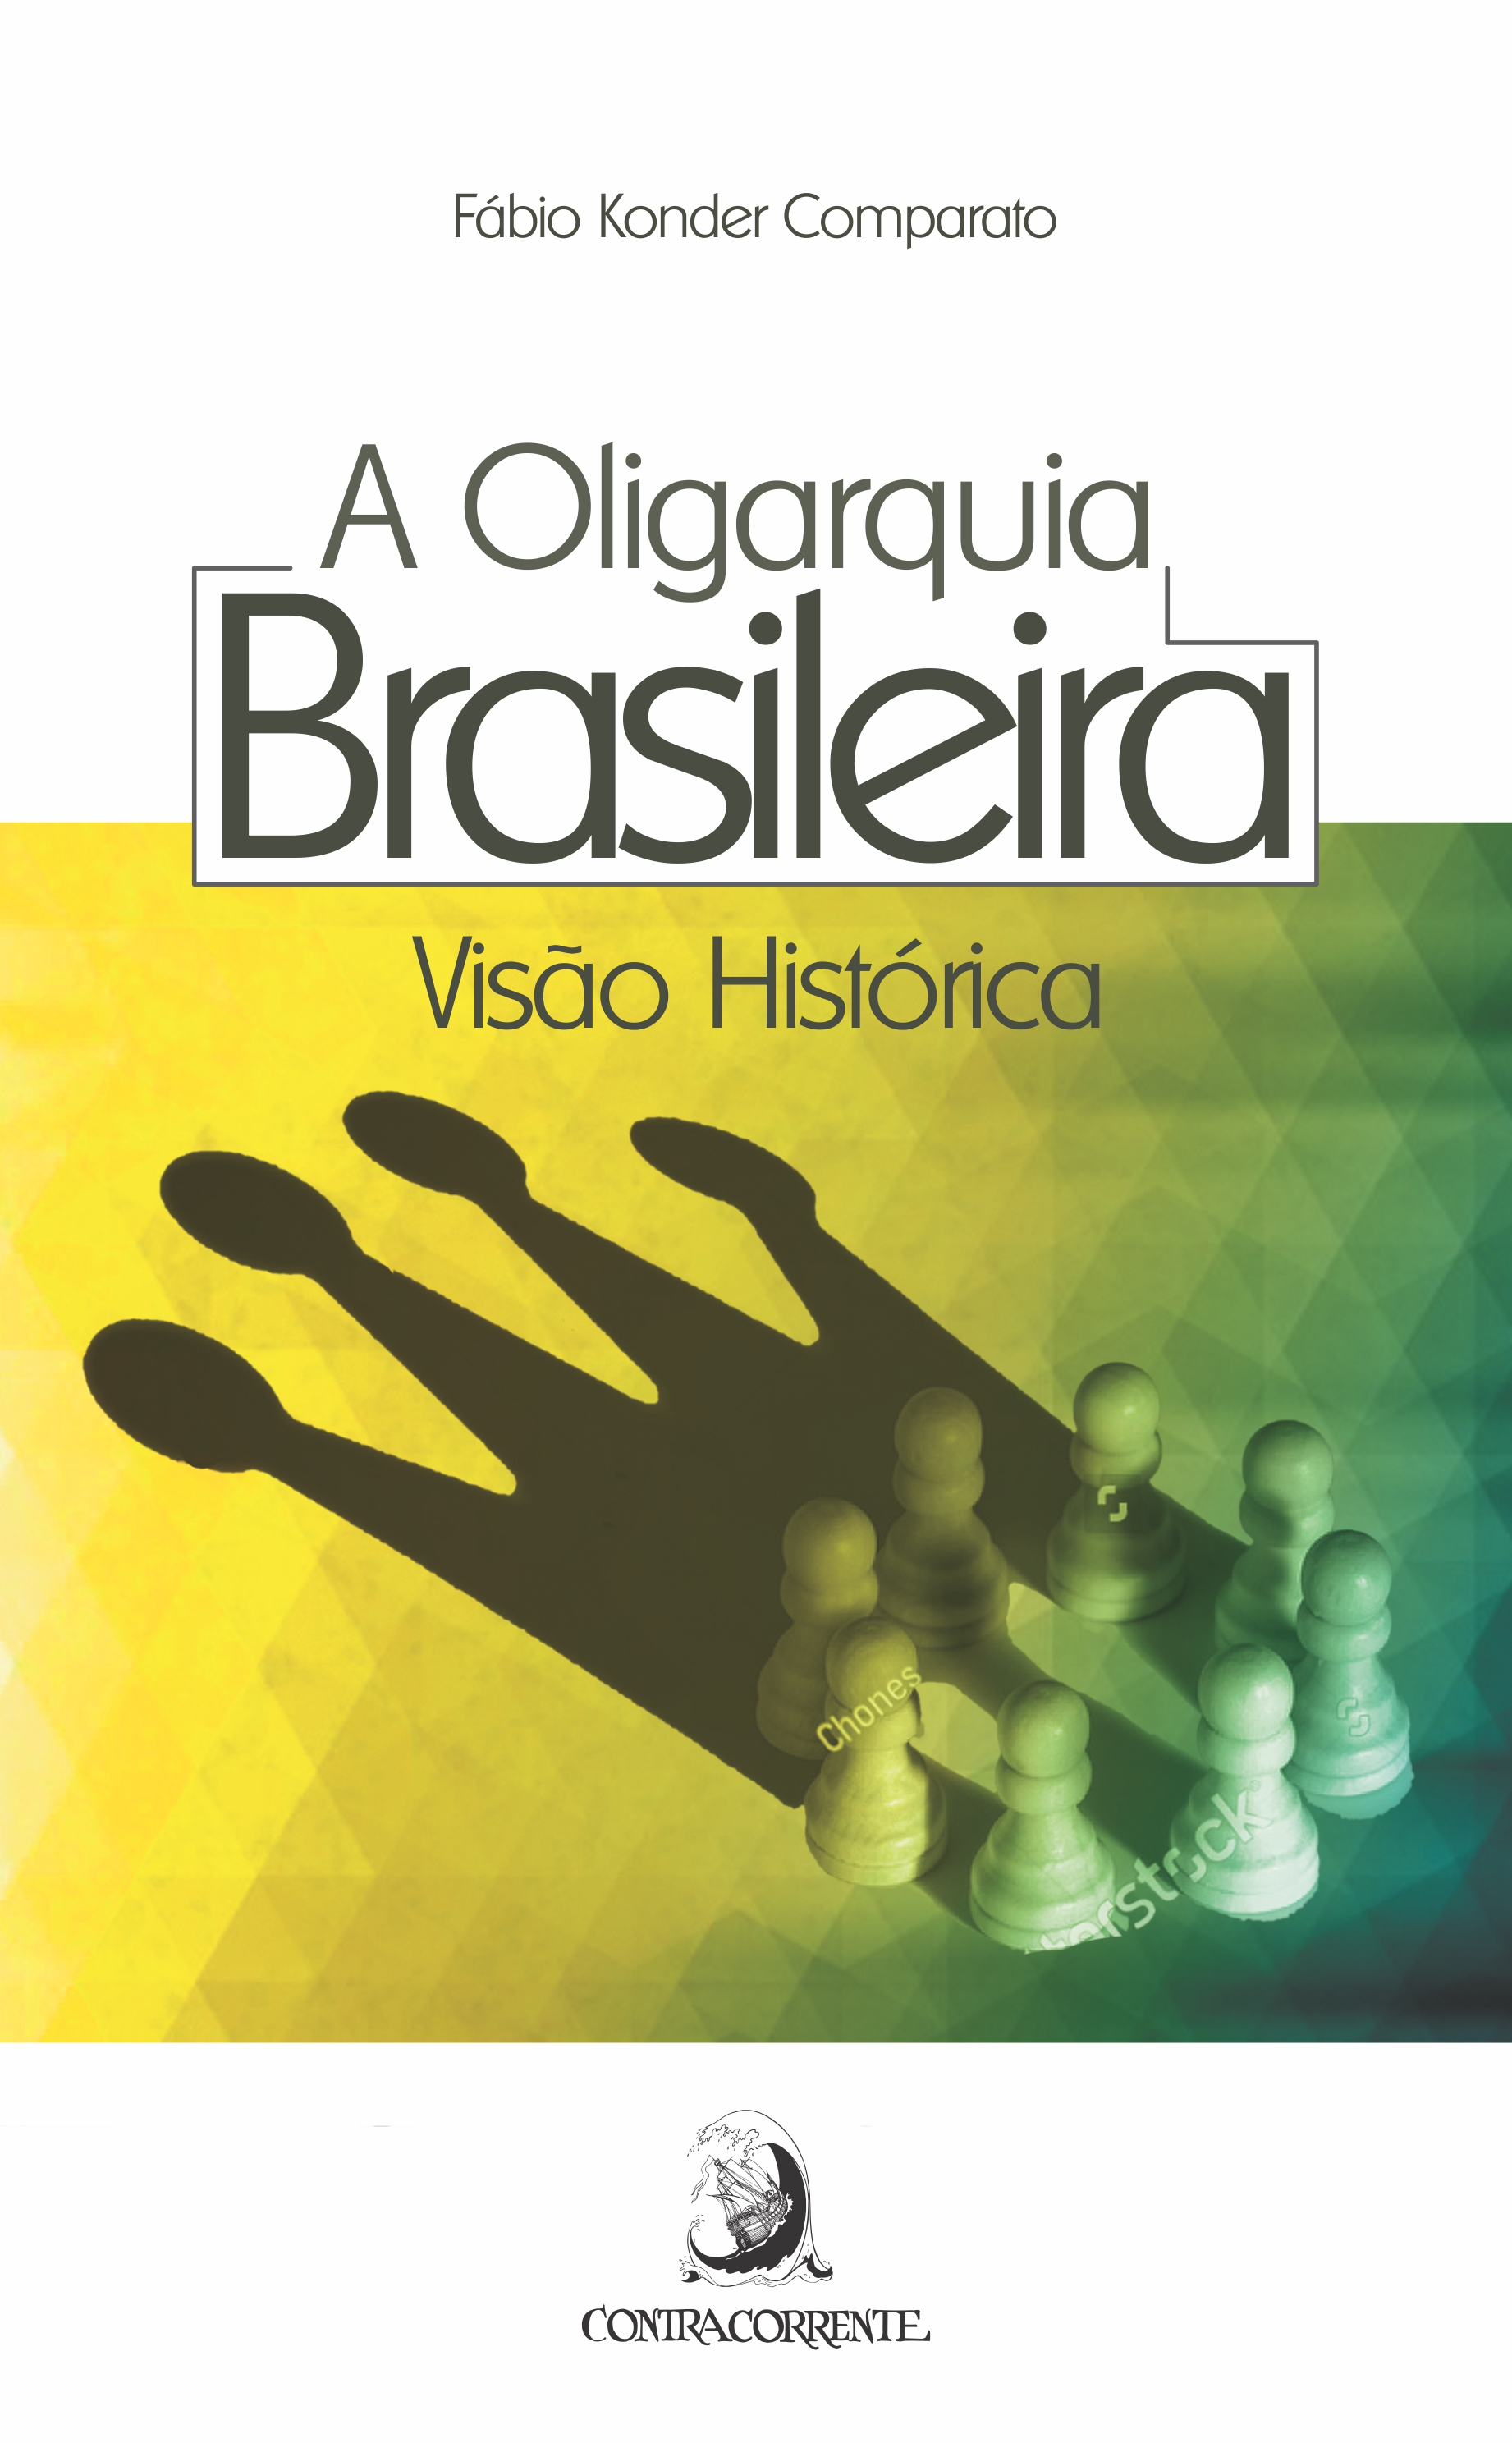 A Oligarquia Brasileira. Visão Histórica, livro de Fabio Konder Comparato